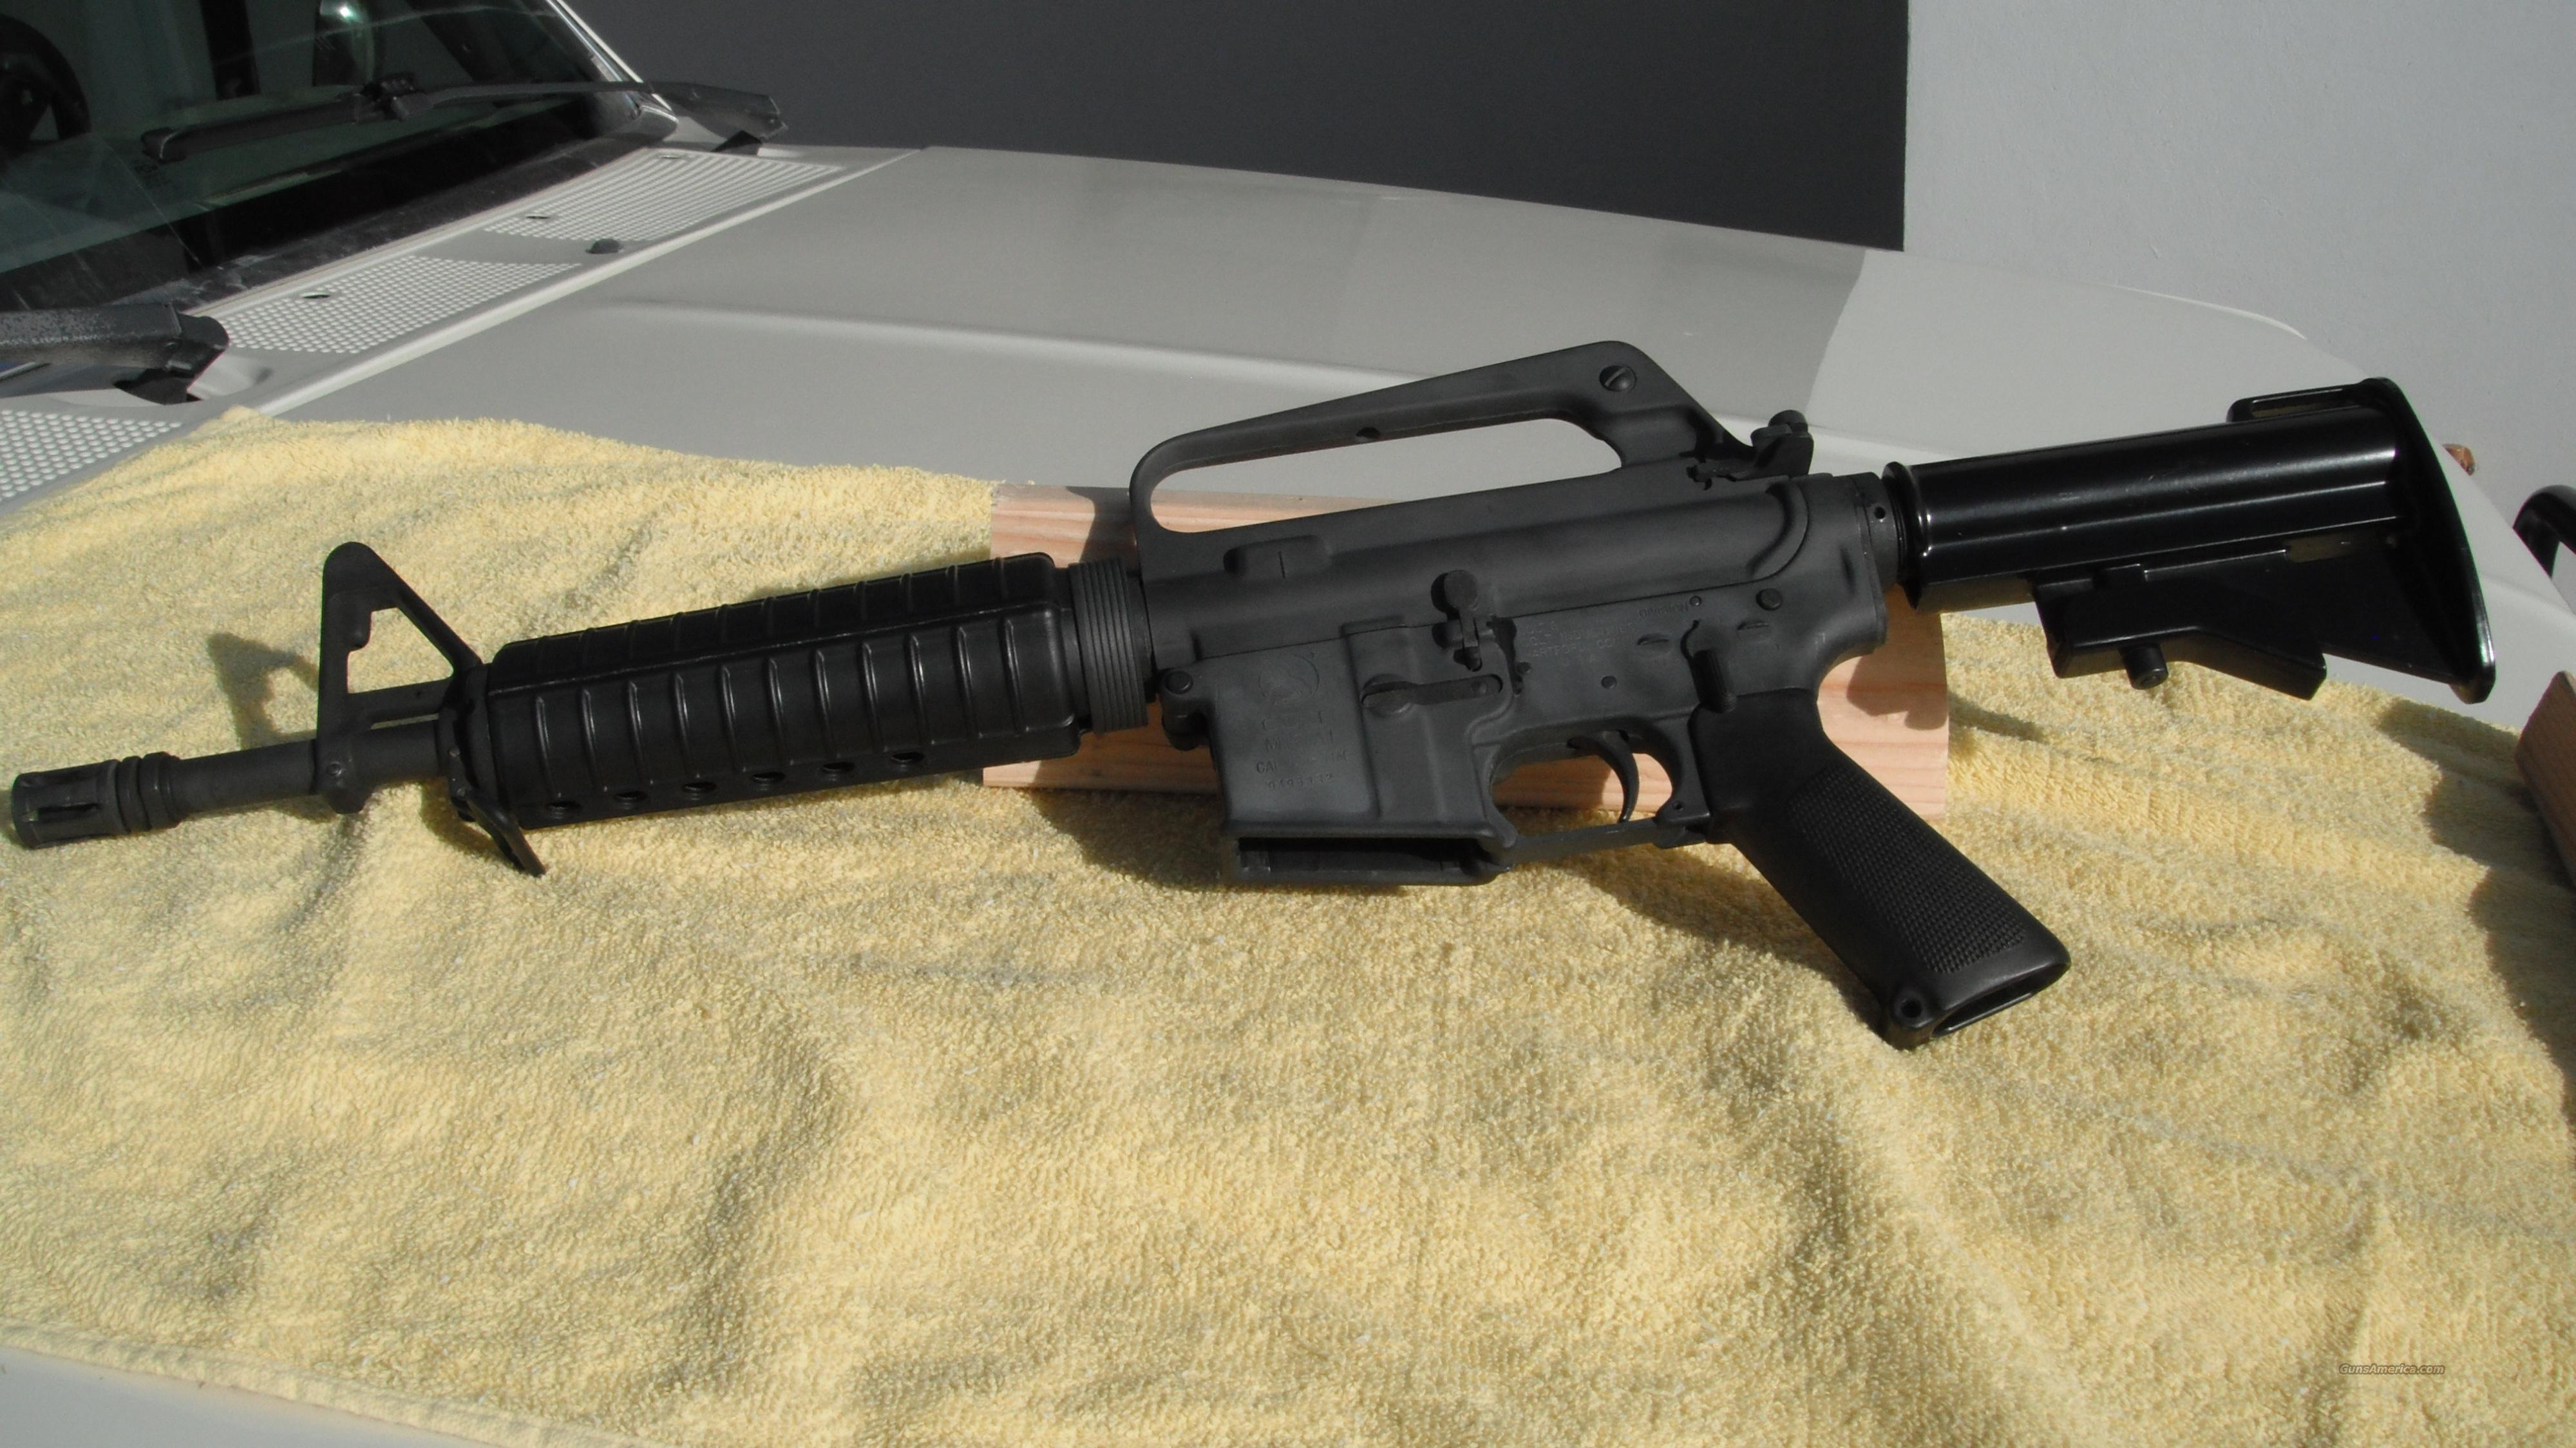 Colt M16a1 For Sale